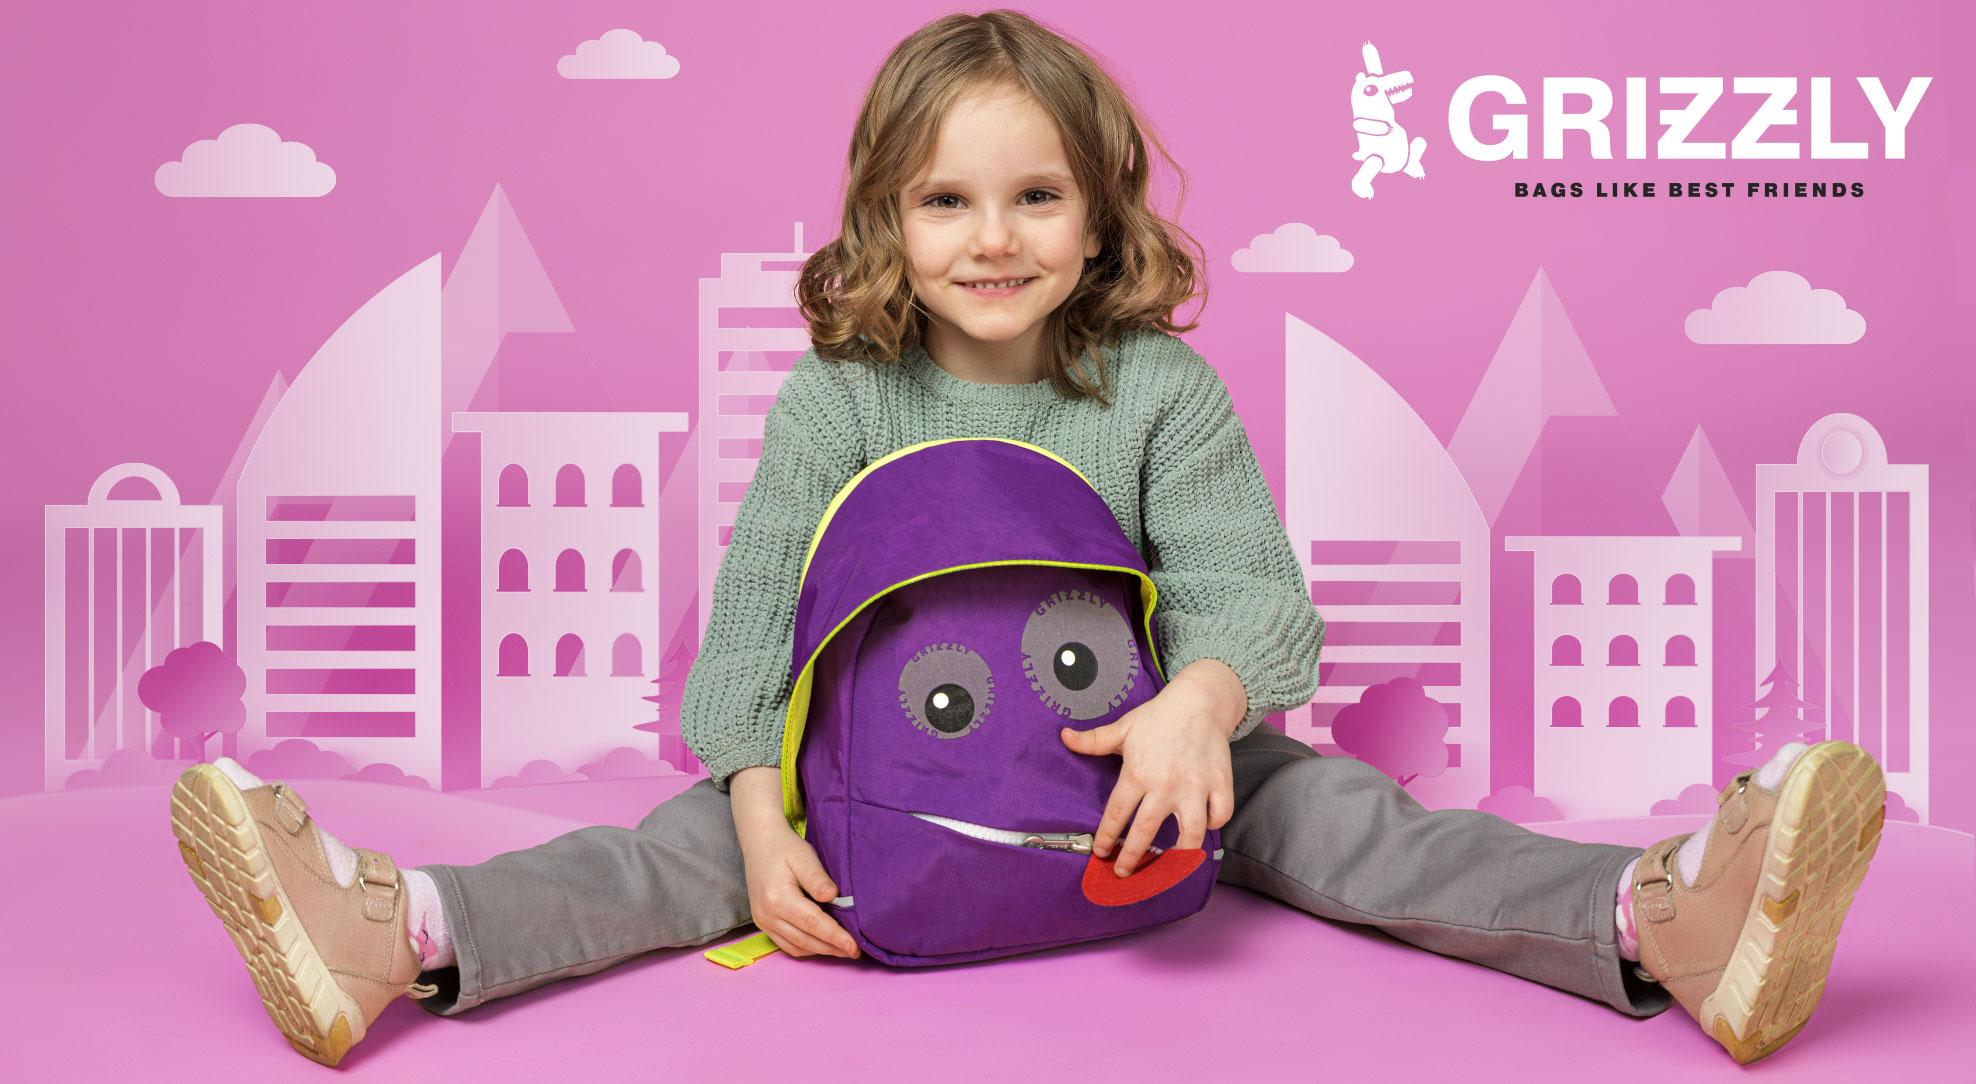 Детский рюкзак, который светится: ребенок счастлив, мама спокойна